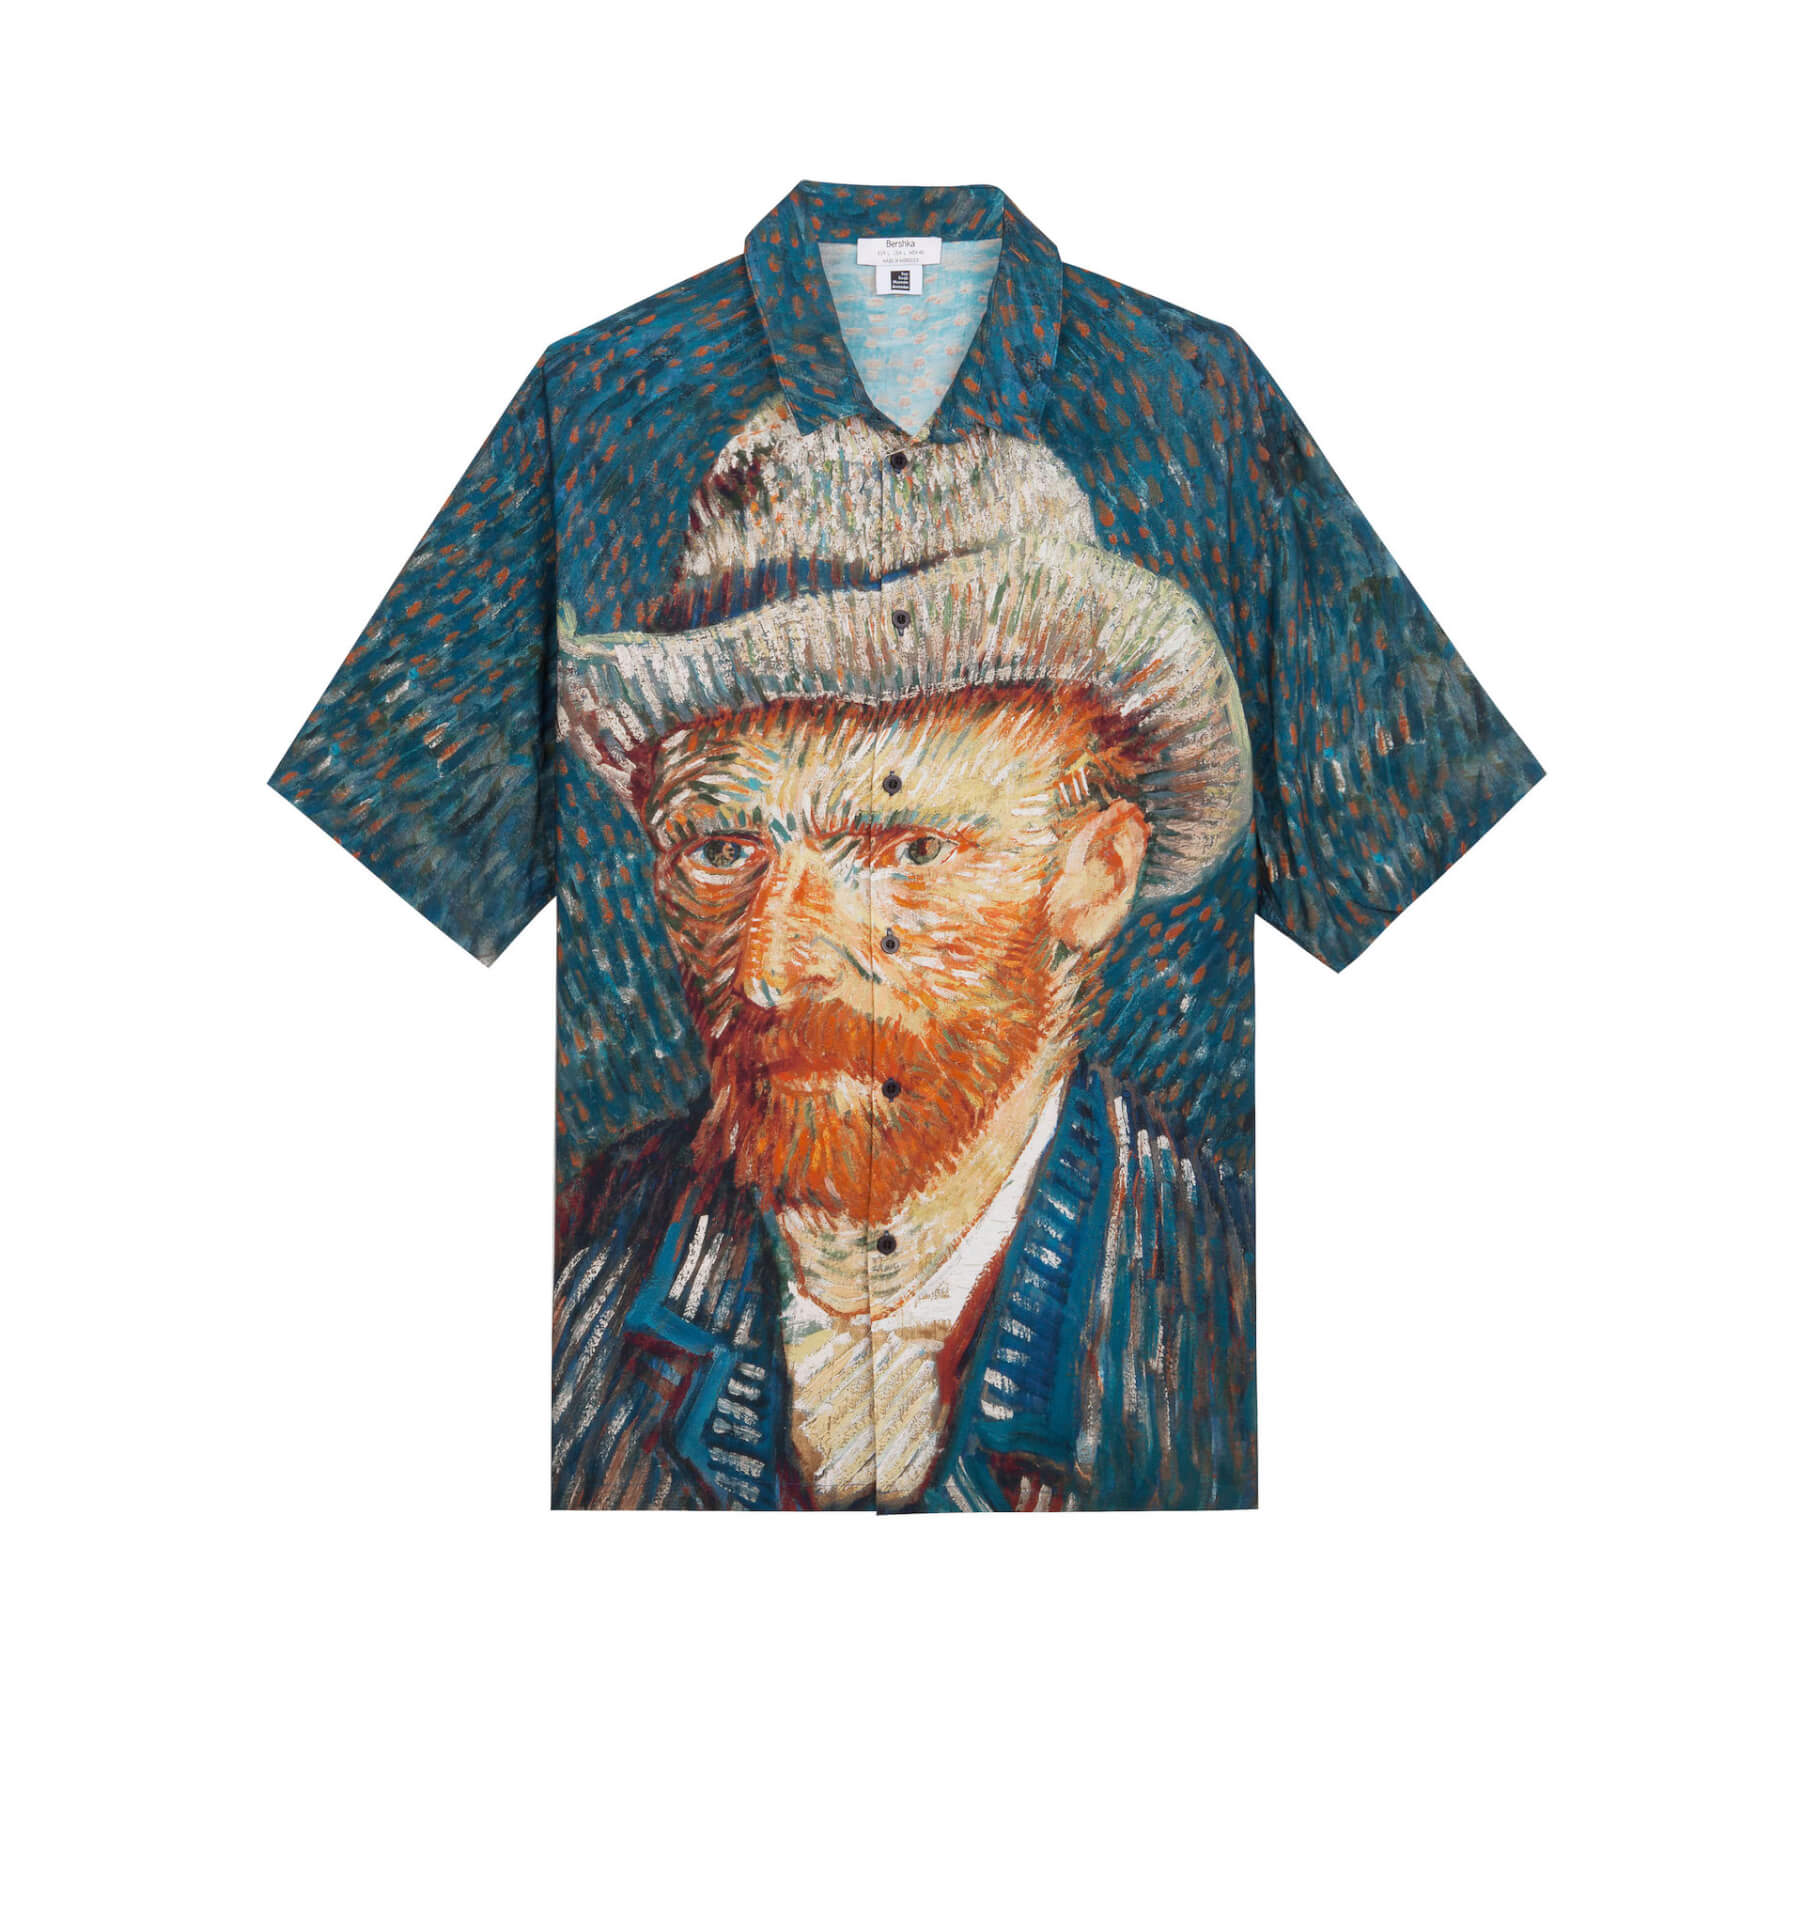 ゴッホ×Bershka 名作『ひまわり』や自画像をプリントしたスウェット、シャツが発売決定! lifefashion191017_bershkagogh_06jpg